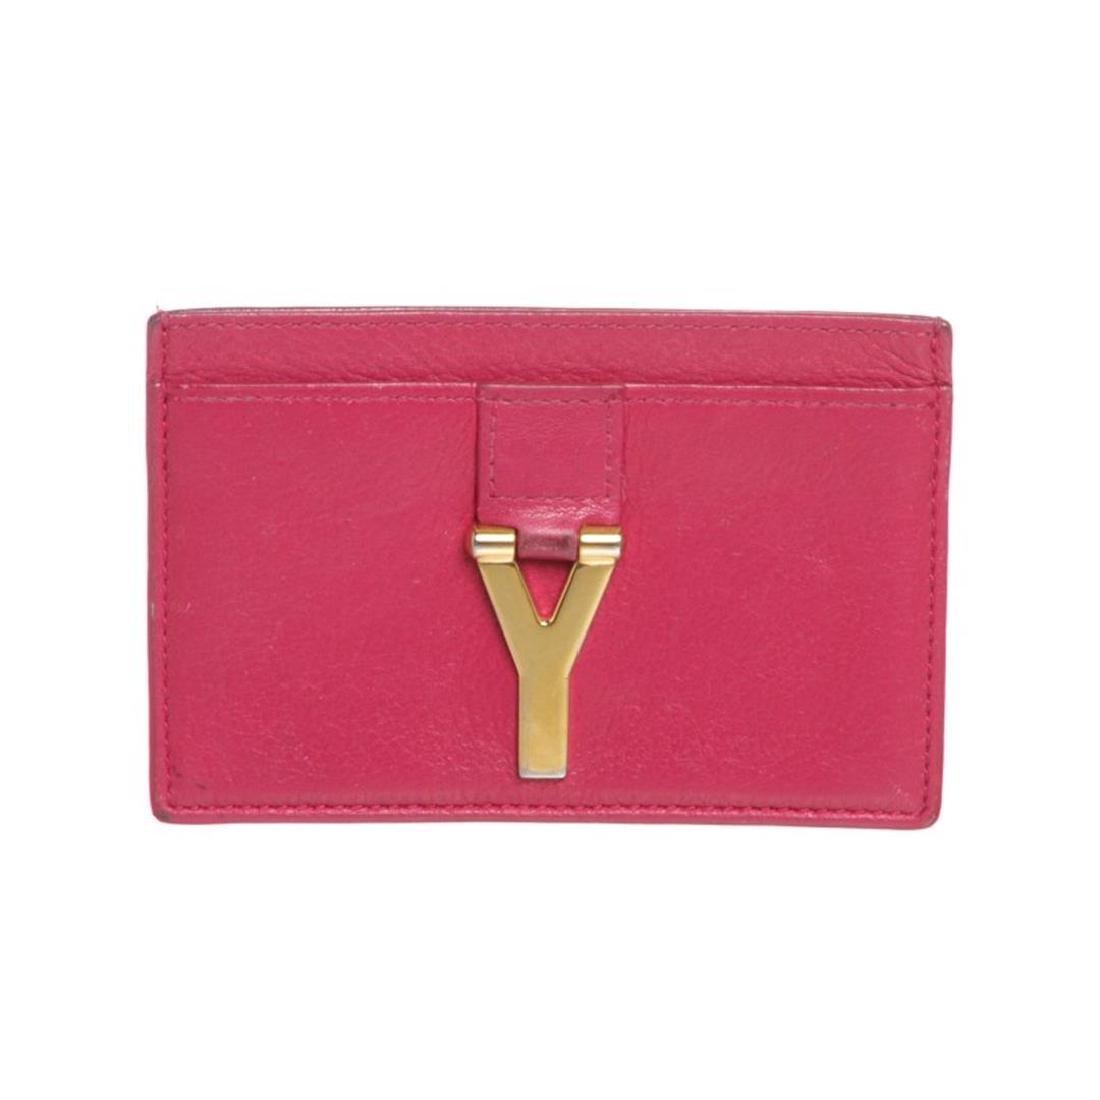 Saint Laurent YSL Pink Leather Y Cardholder Wallet